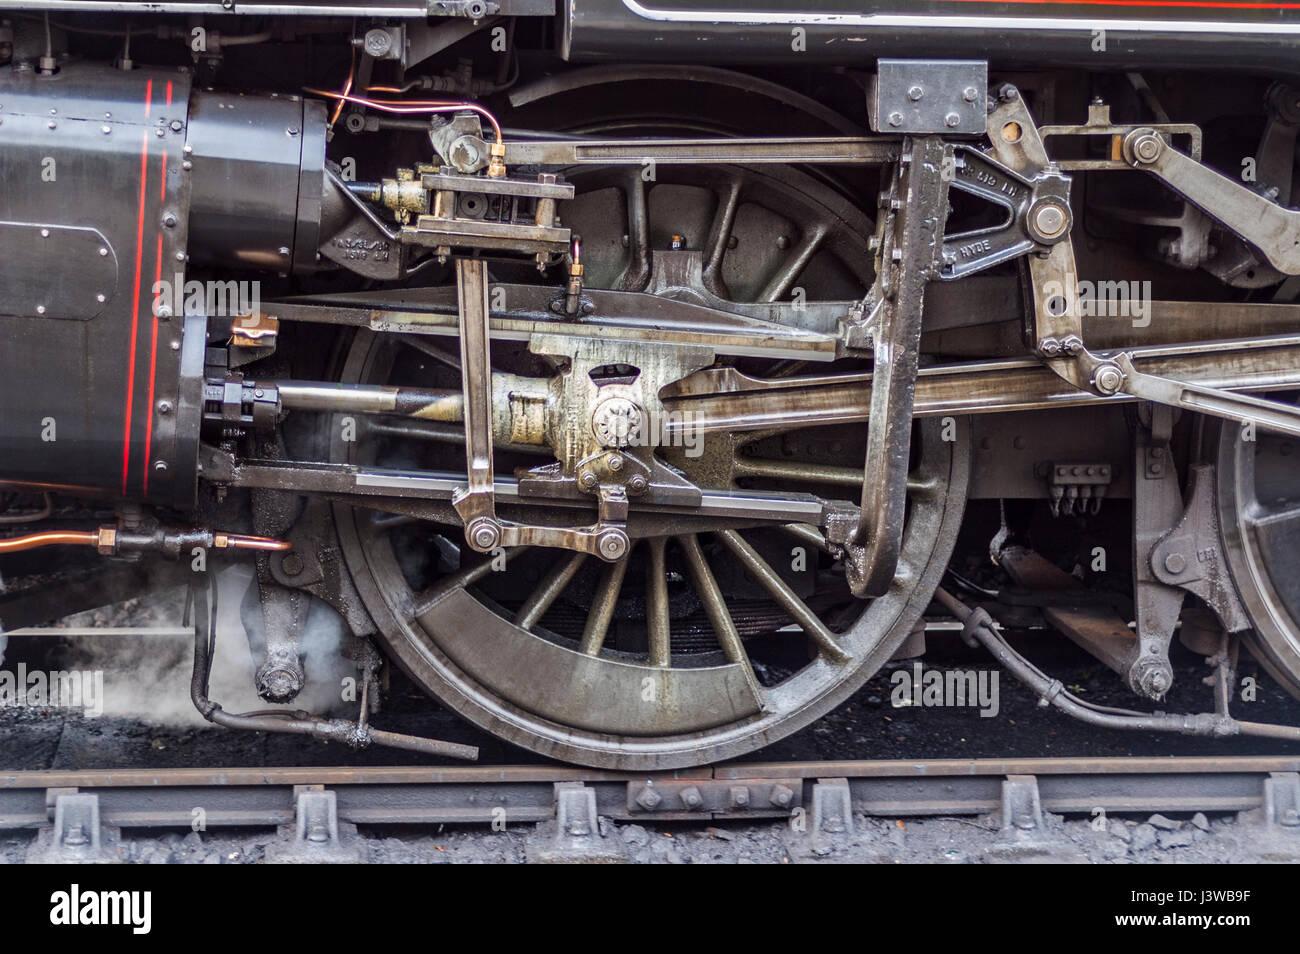 Nahaufnahme des Rades auf eine alte Dampflok. Stockbild